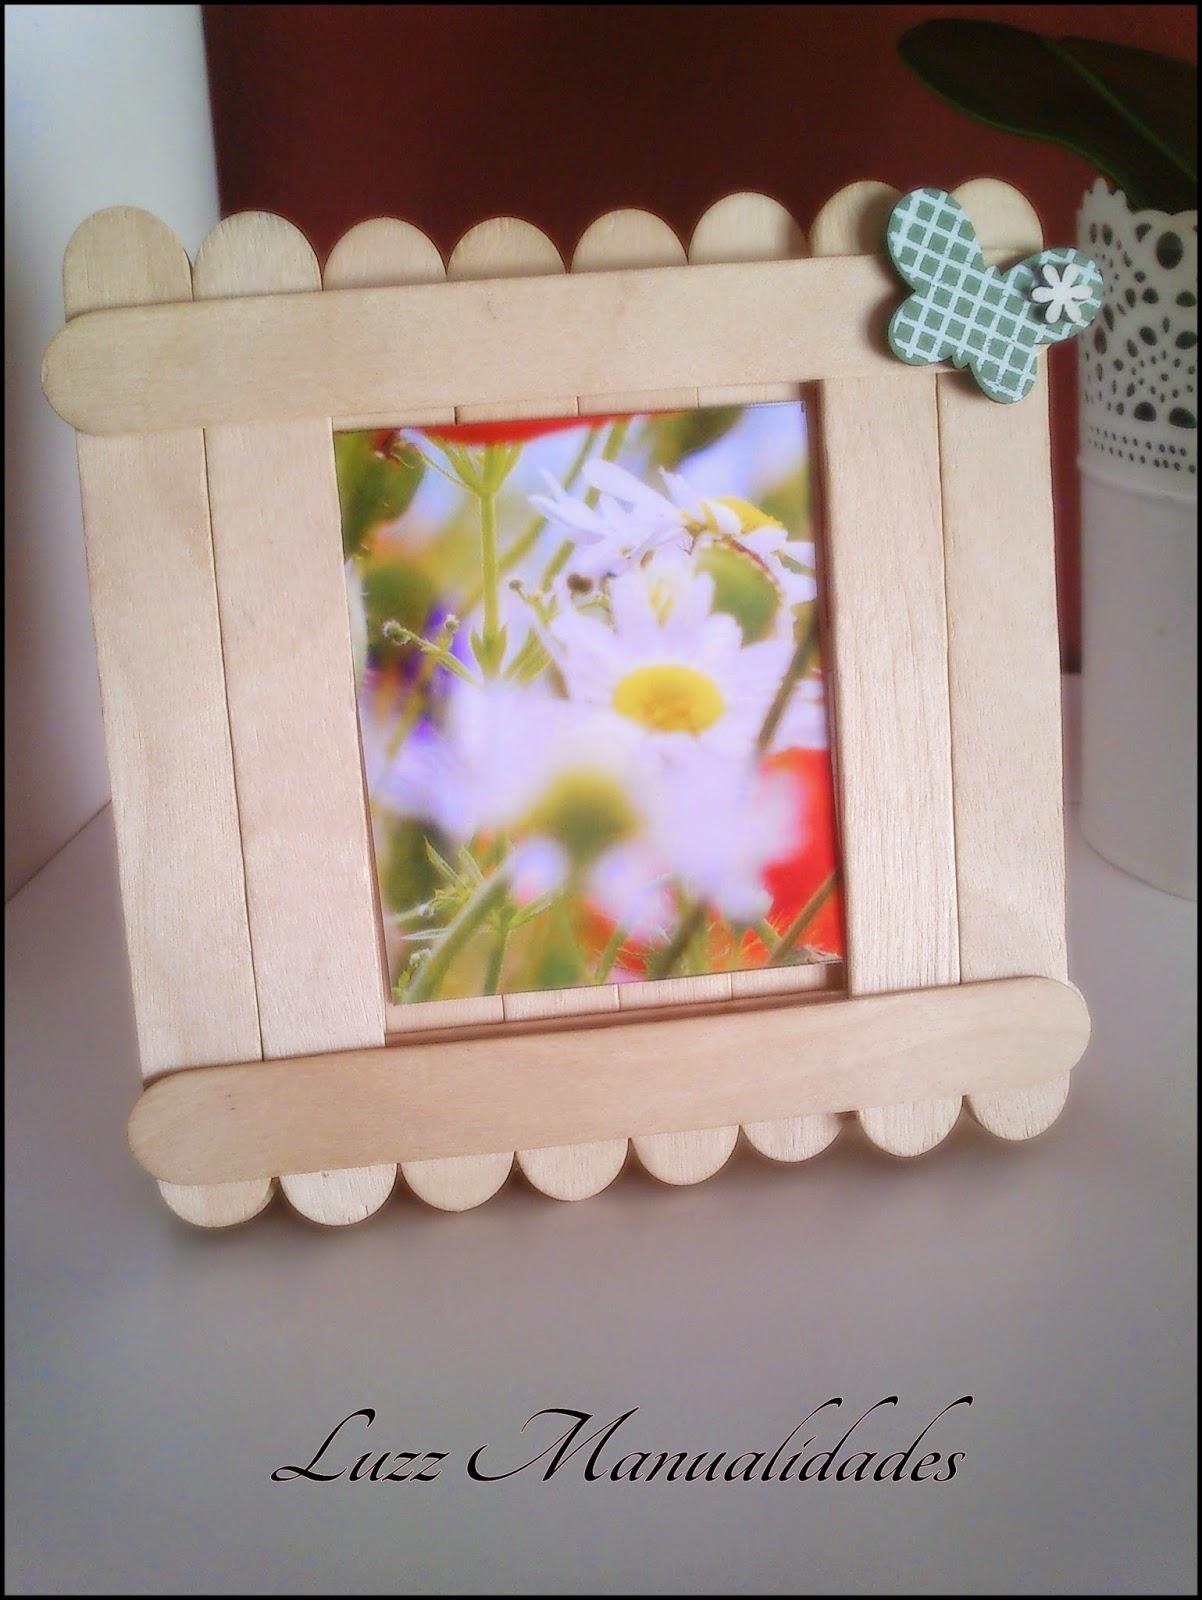 Luz manualidades manualidades para ni os marco de fotos - Manualidades con madera faciles ...